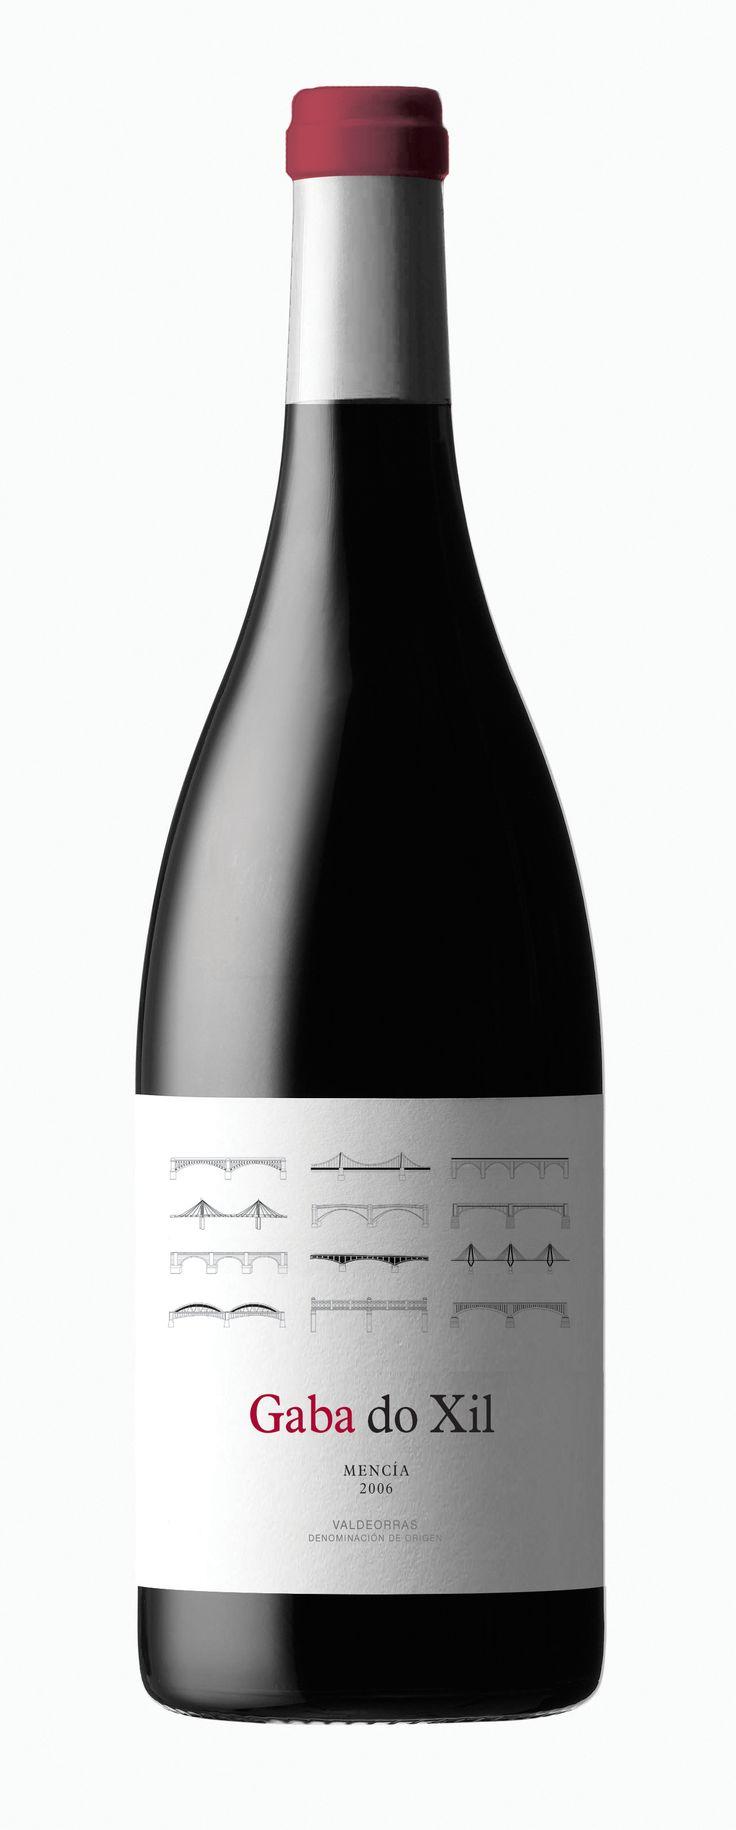 Gaba do Xil Mencia - spanischer Rotwein mit Charakter und Eigensinn http://www.carlosvinos.de/Weine/Galicien/Telmo-Rodr-guez/Gaba-do-Xil-Godello-2011.html